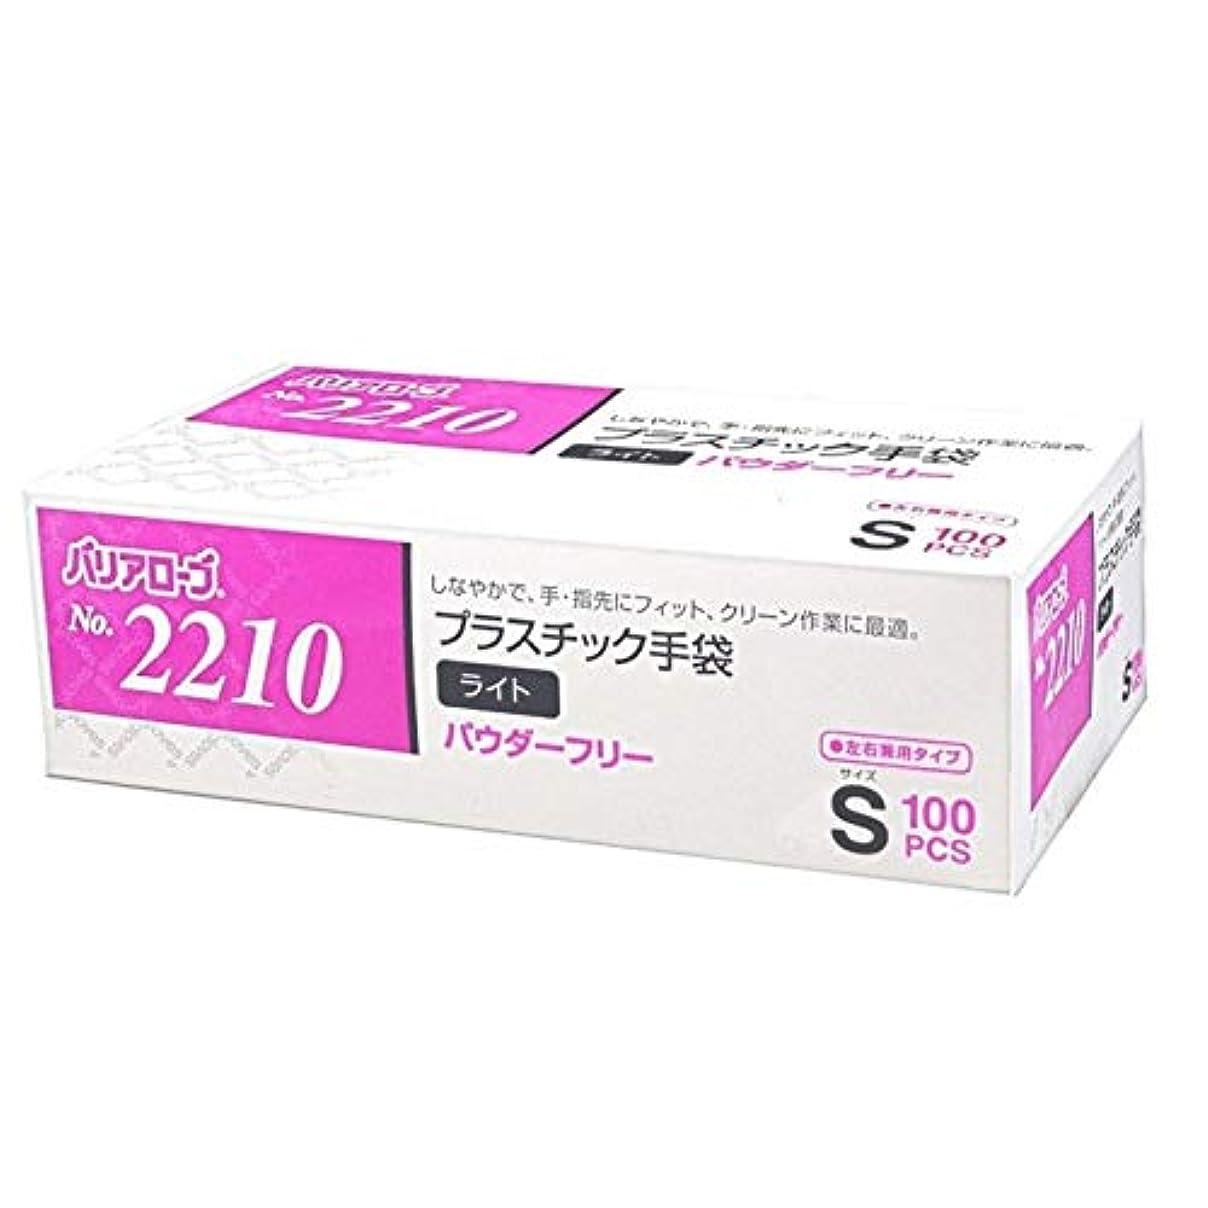 受け取るベアリングサークル平日【ケース販売】 バリアローブ №2210 プラスチック手袋 ライト (パウダーフリー) S 2000枚(100枚×20箱)